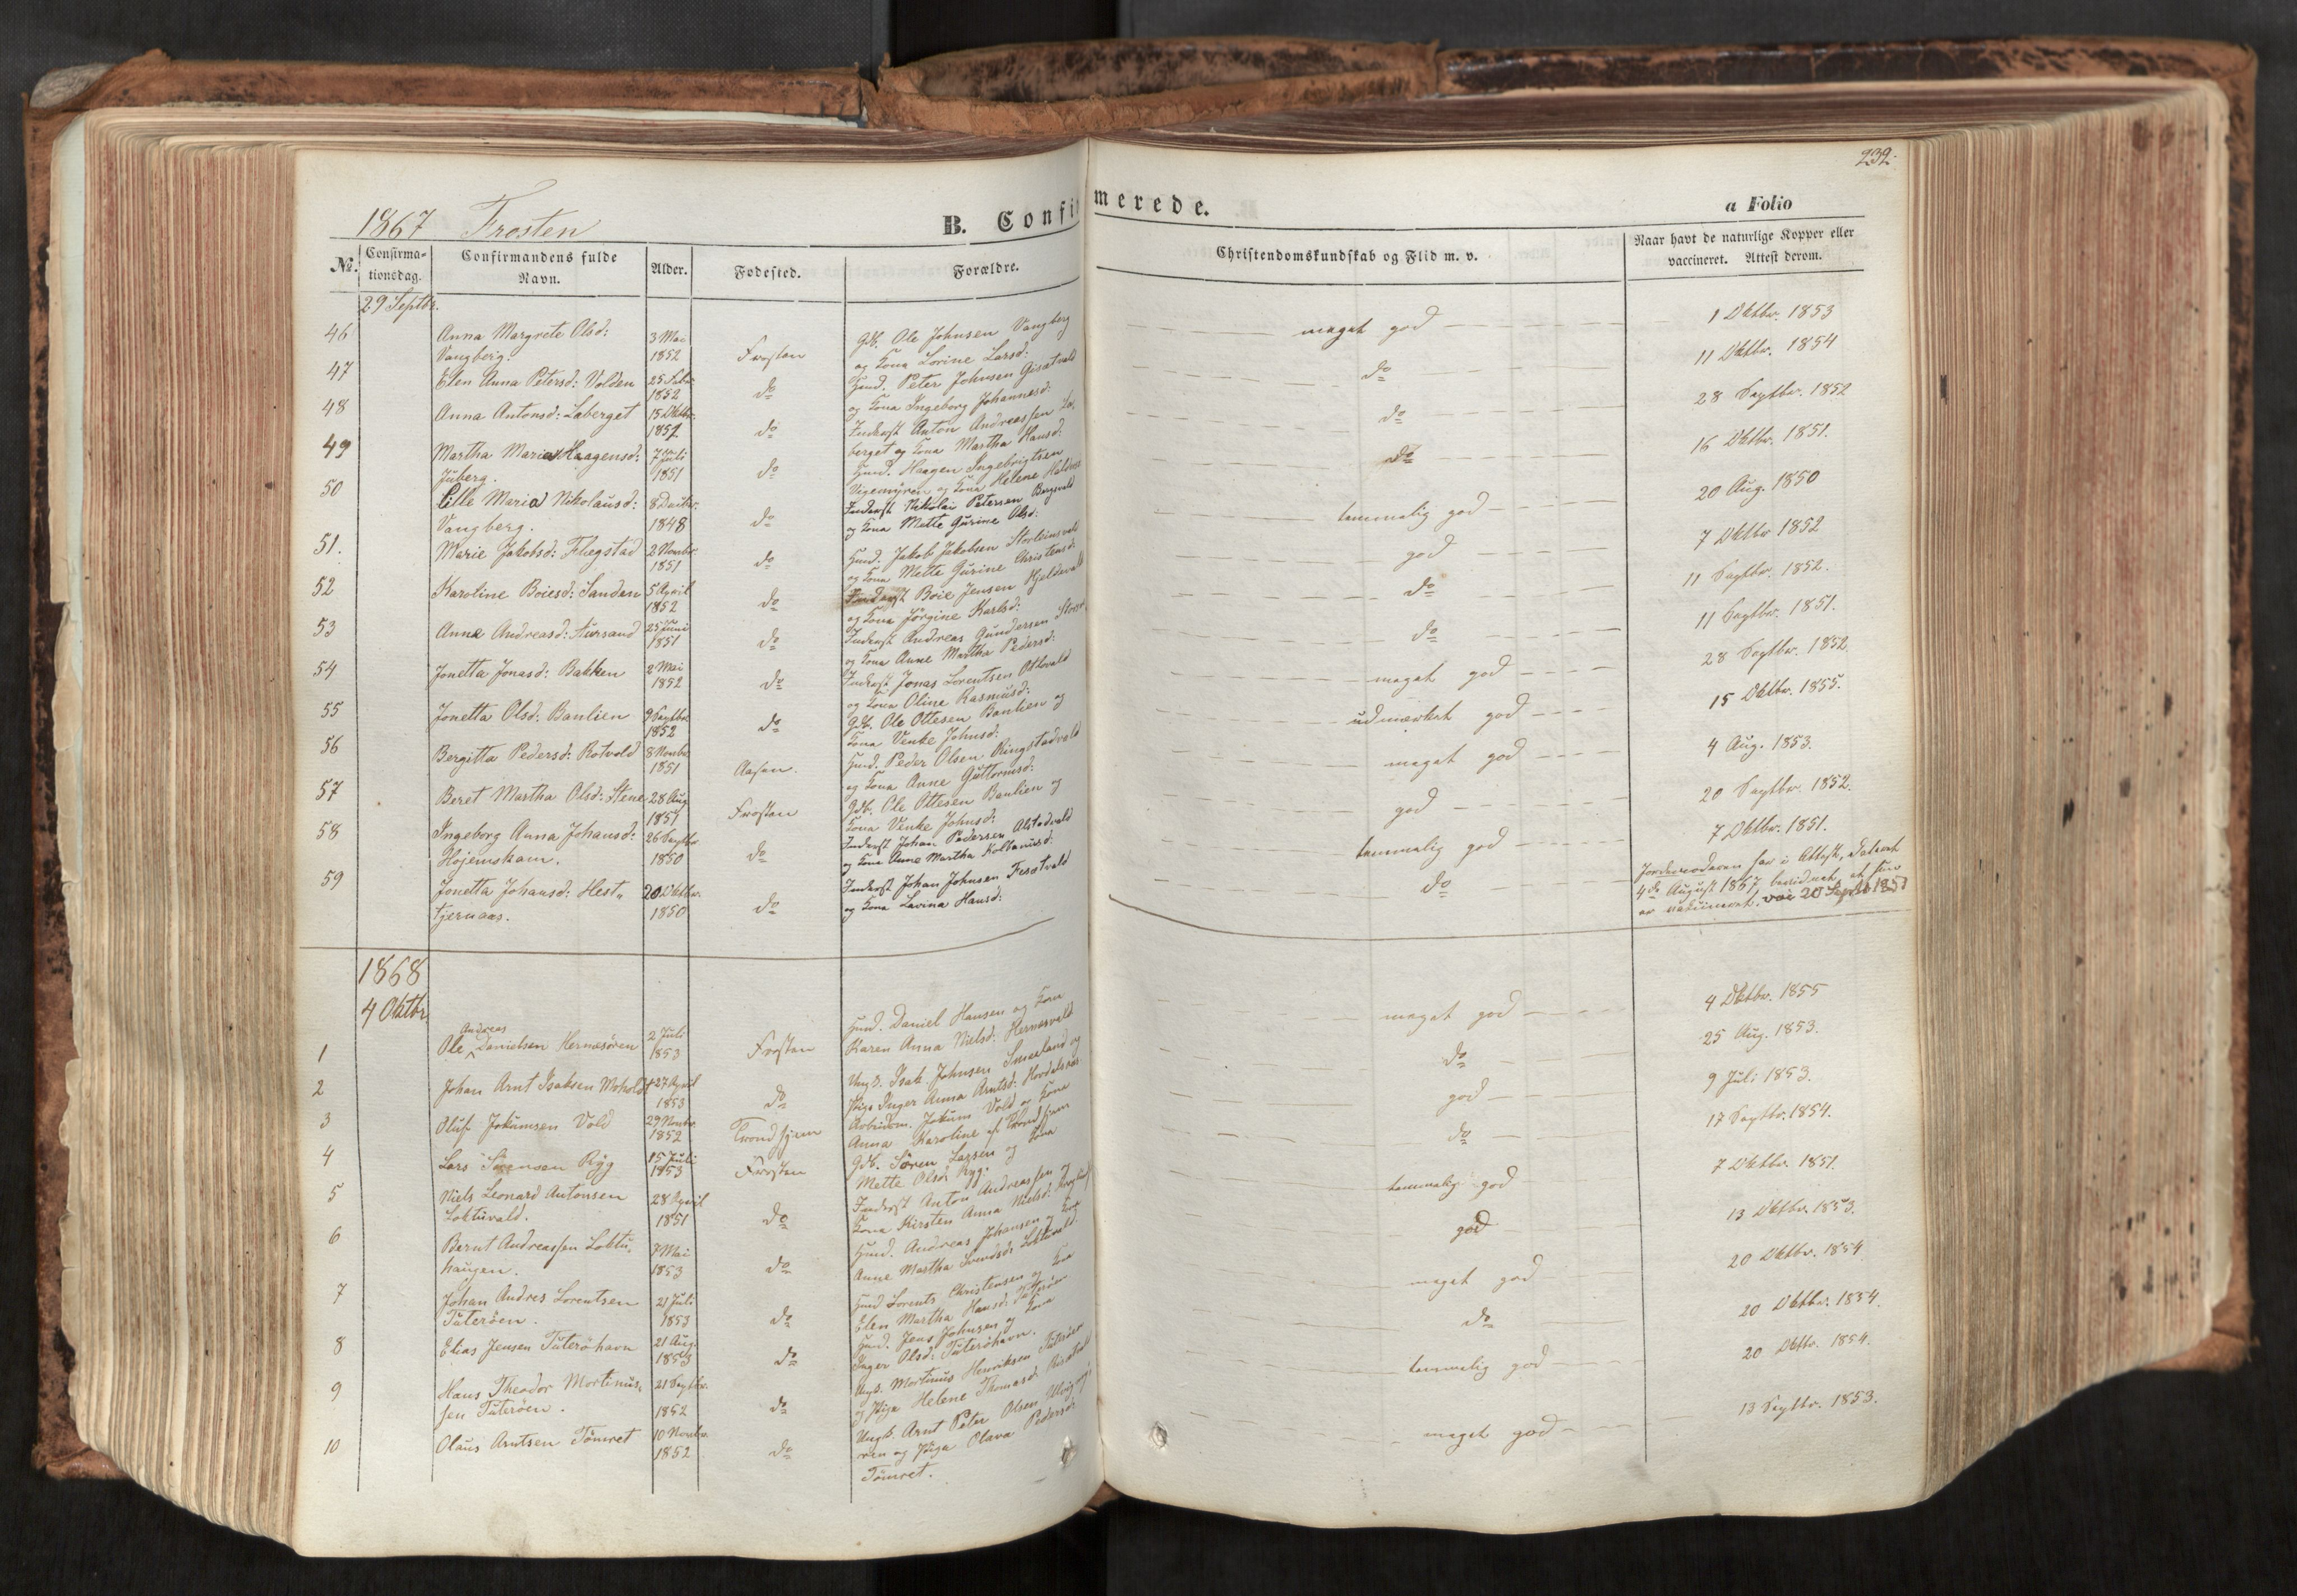 SAT, Ministerialprotokoller, klokkerbøker og fødselsregistre - Nord-Trøndelag, 713/L0116: Ministerialbok nr. 713A07, 1850-1877, s. 232